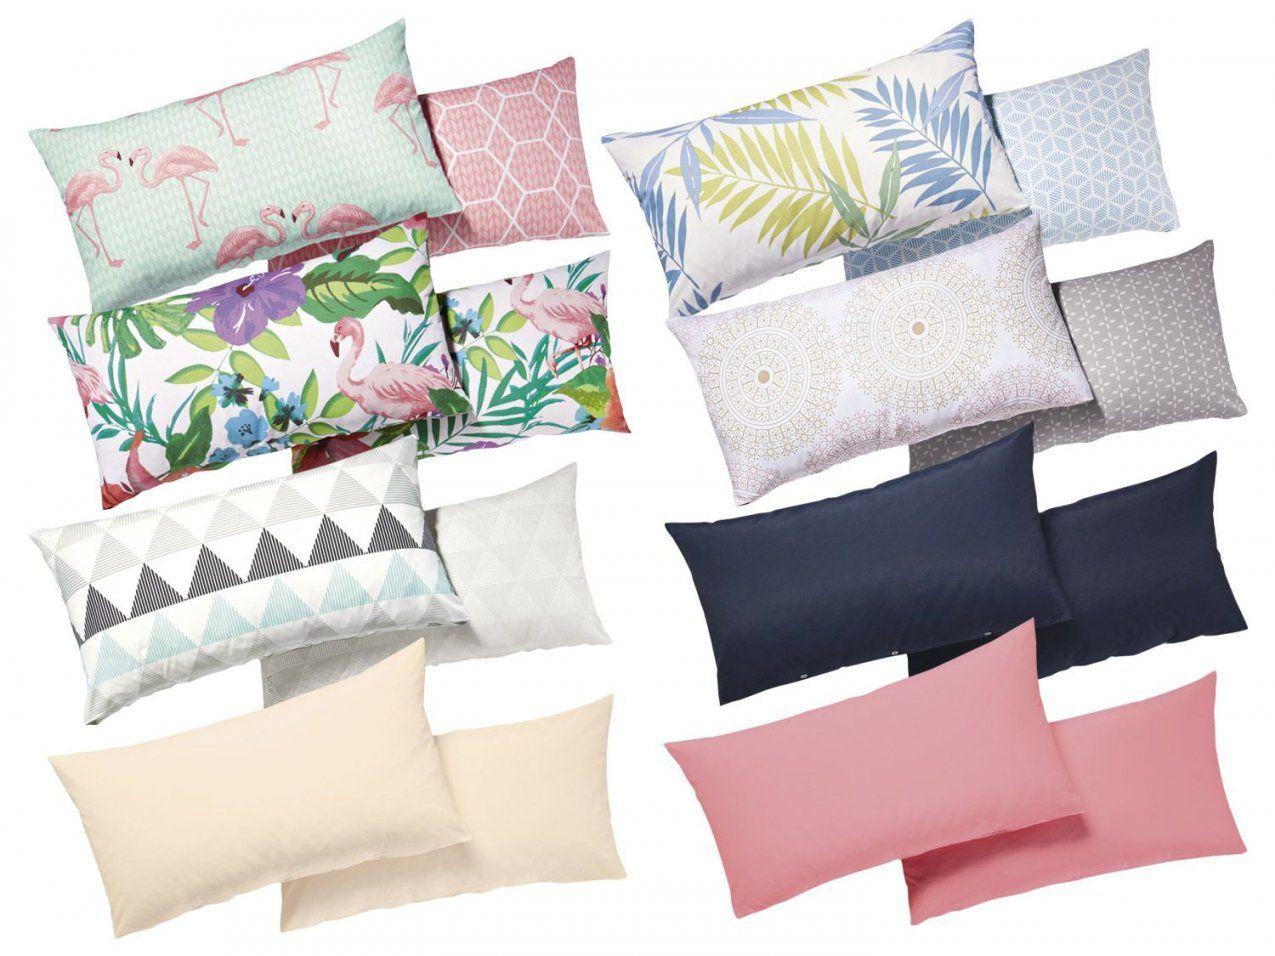 meradiso 2 renforc kissenbez ge 40 x 80 cm lidl deutschland von lidl bettw sche flamingo photo. Black Bedroom Furniture Sets. Home Design Ideas